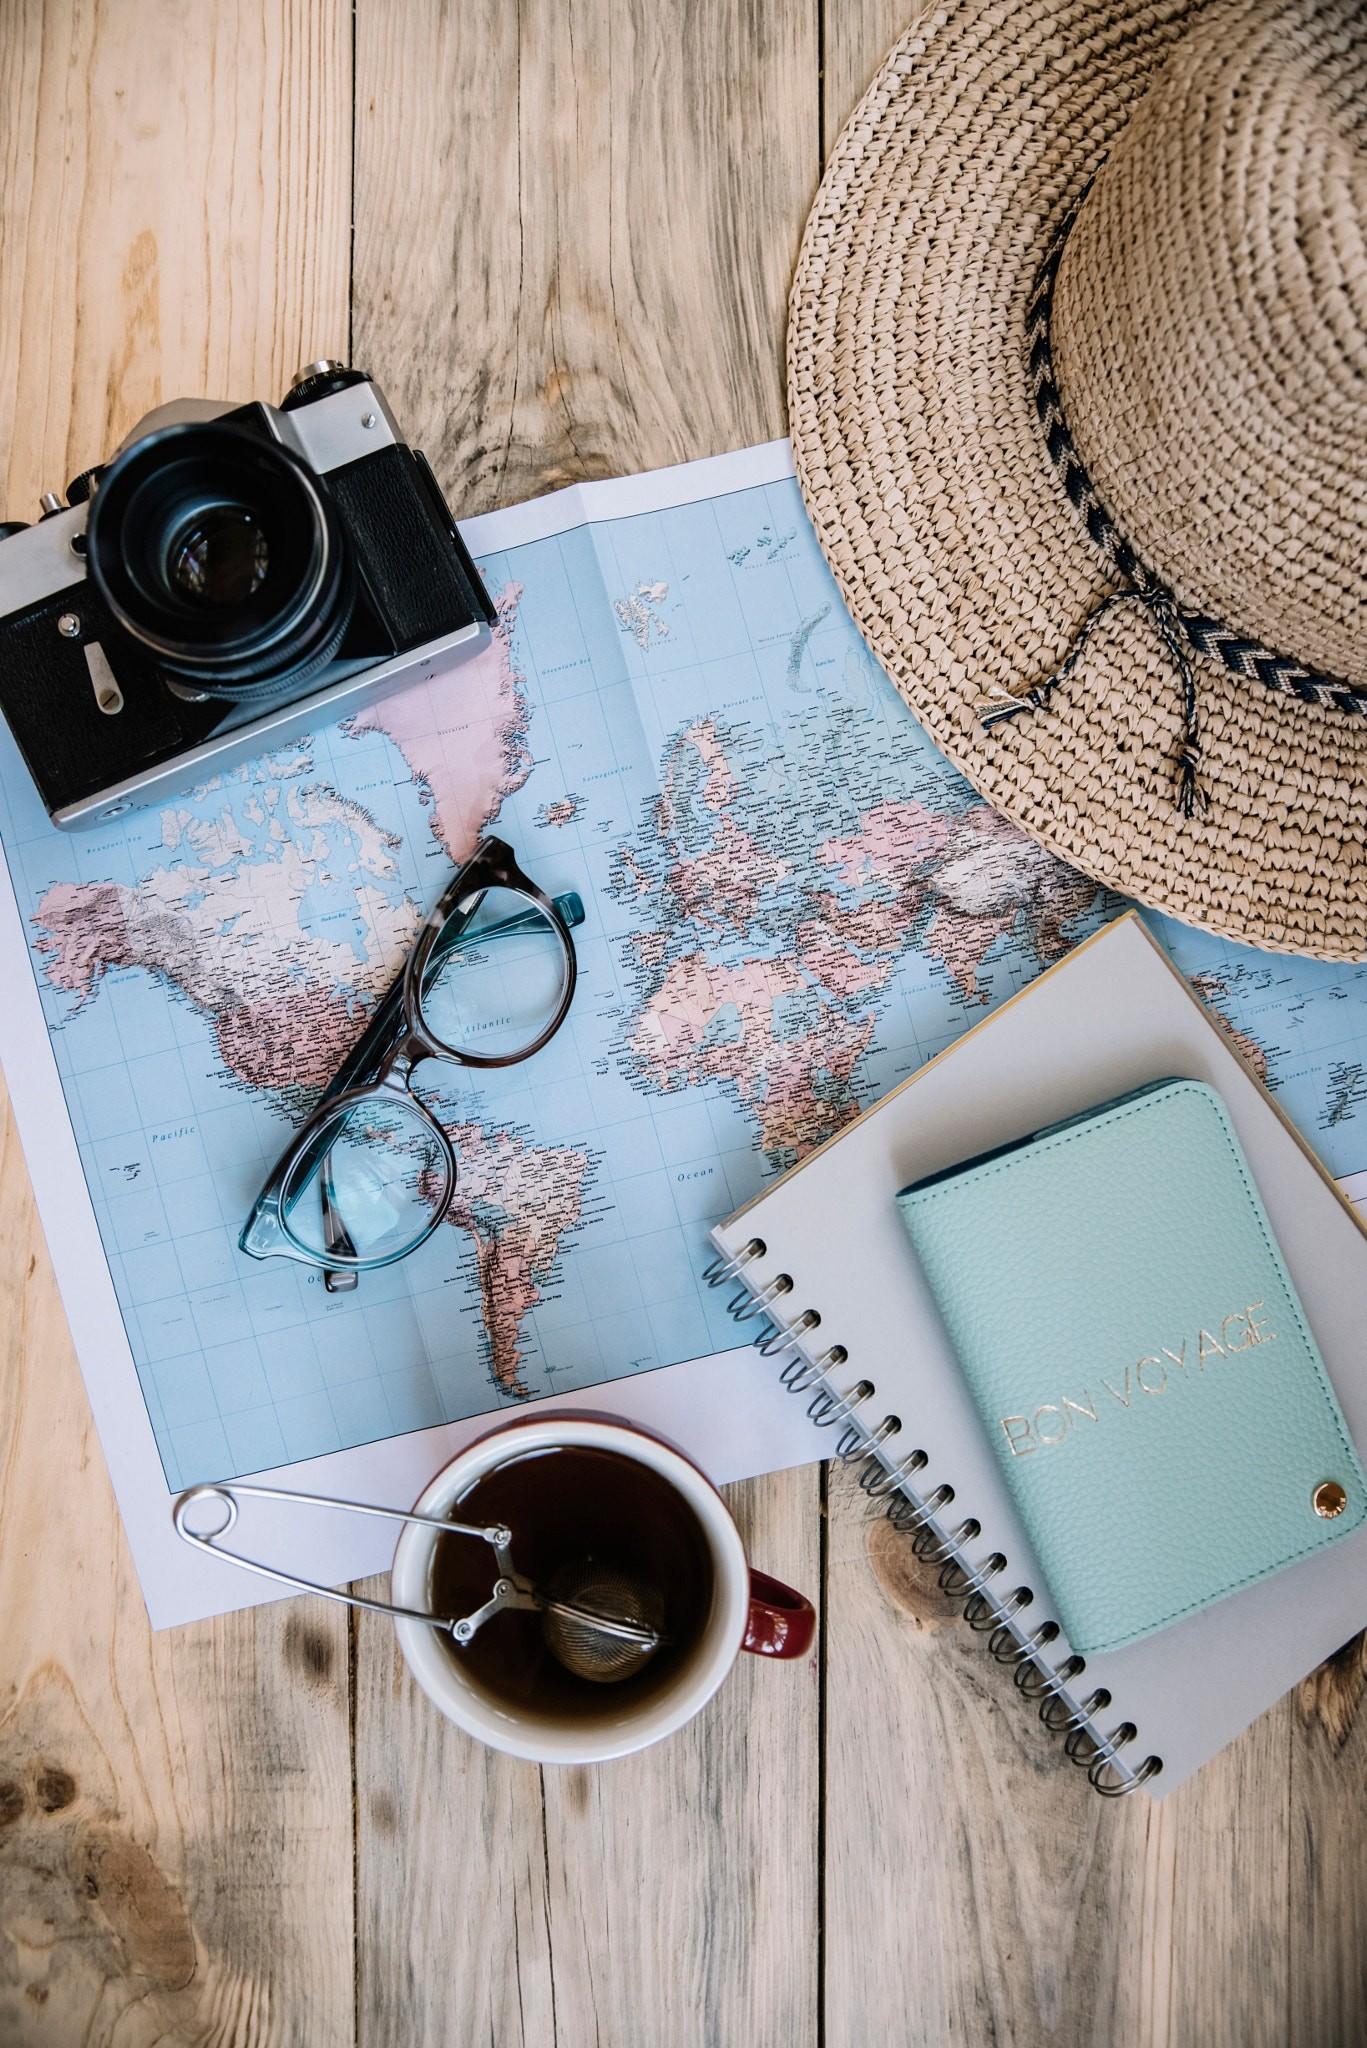 Travel preparations essentials by AnastasiaBelousova